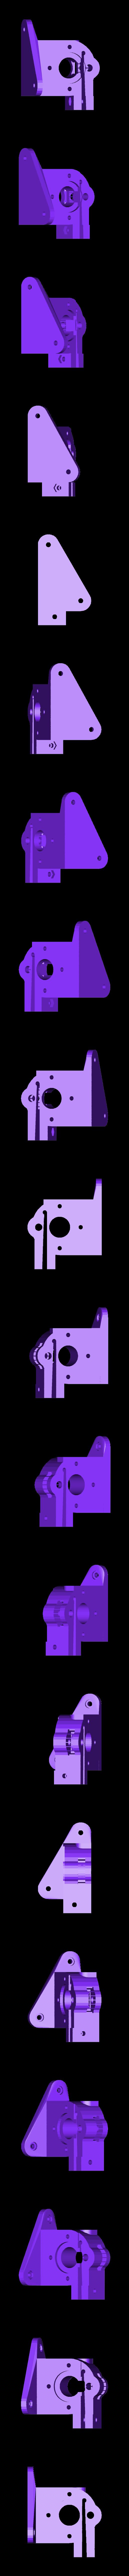 extruder_30_v5.stl Télécharger fichier SCAD gratuit Extrudeuse Bowden • Objet pour imprimante 3D, boksbox